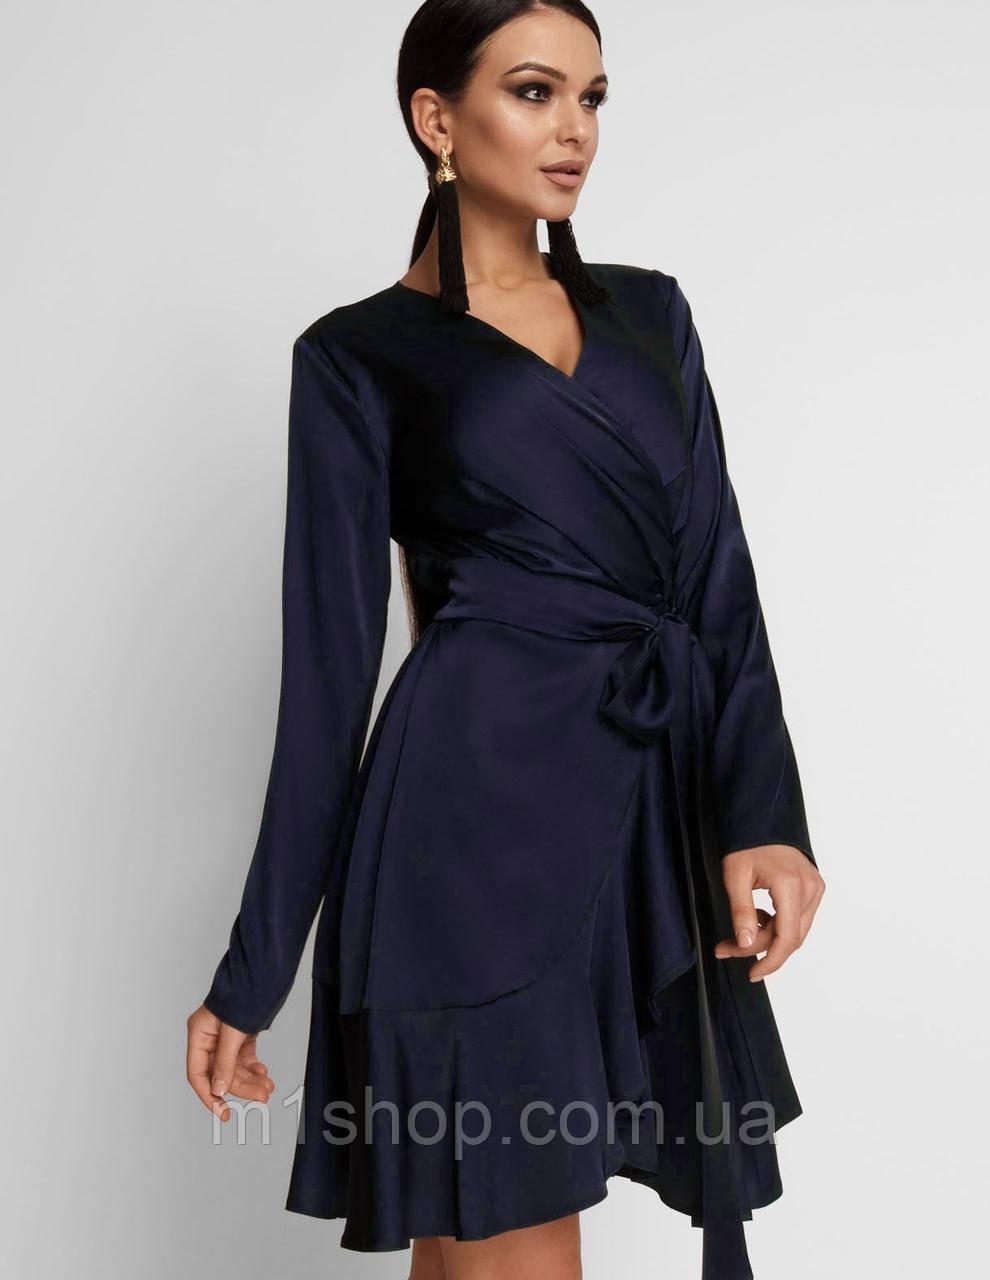 Женское шелковое платье с воланом (Арина jd)